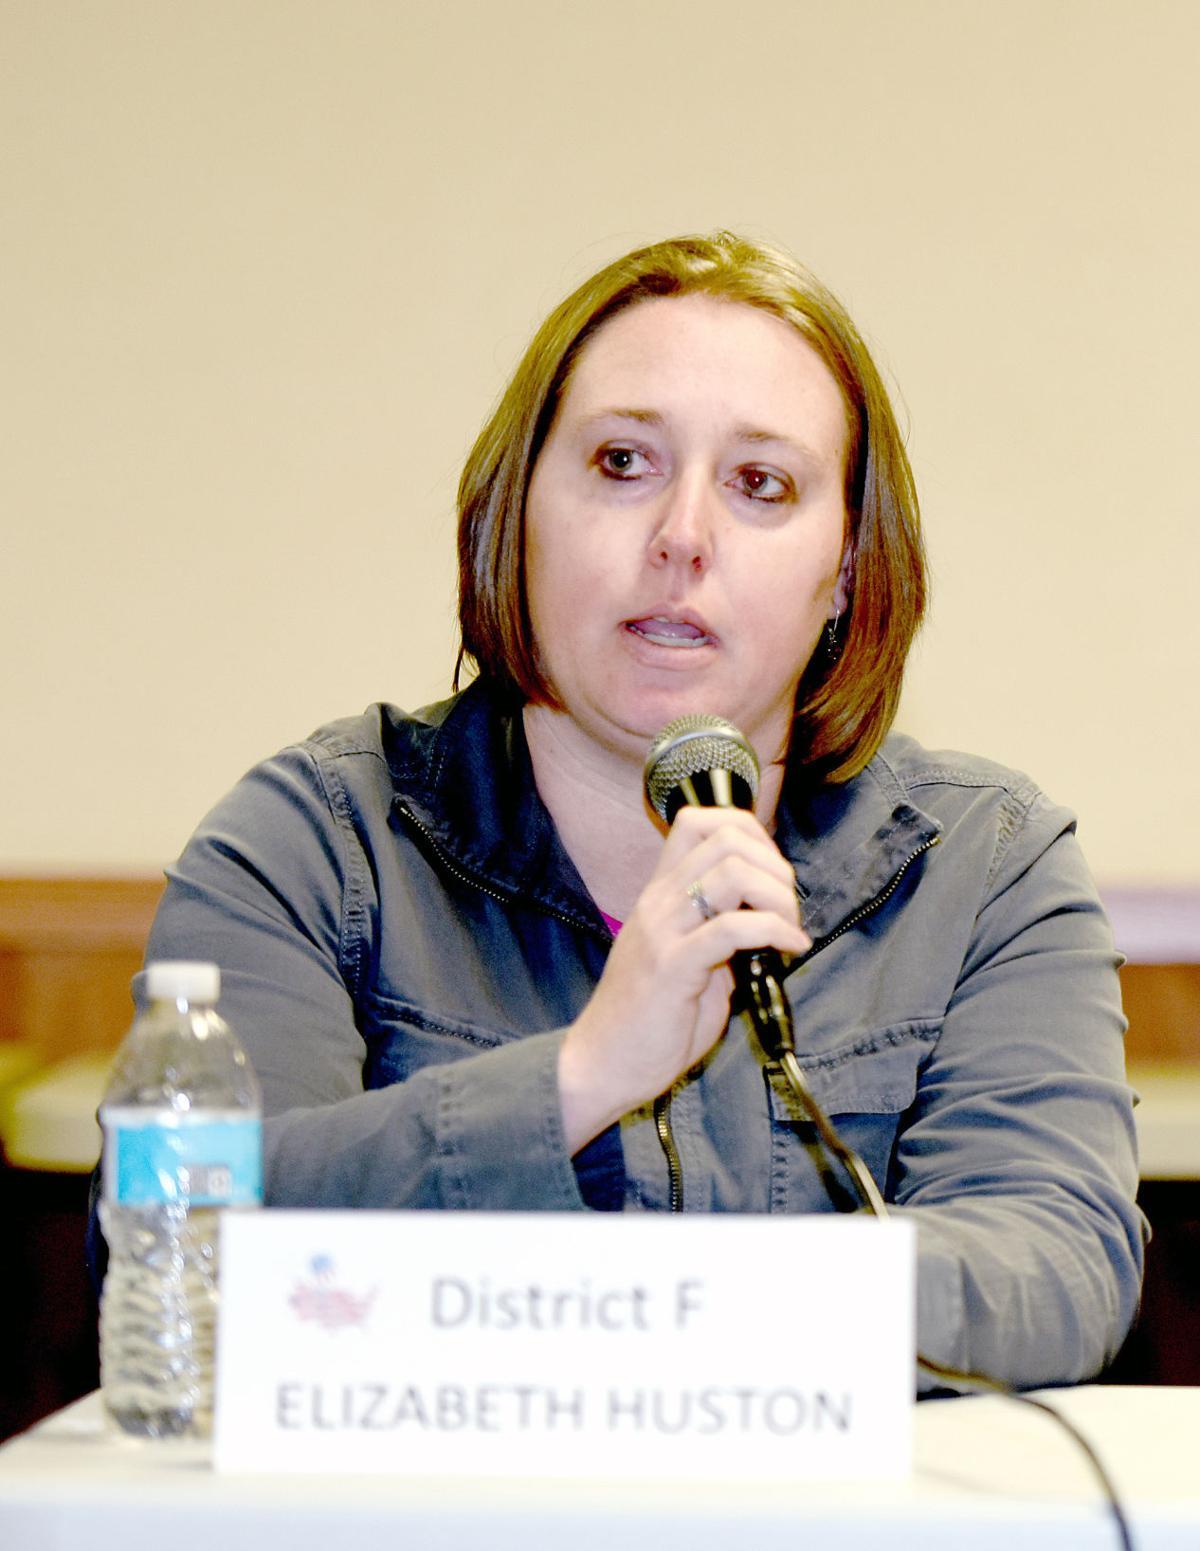 20200318-nws-county-boardpic Huston